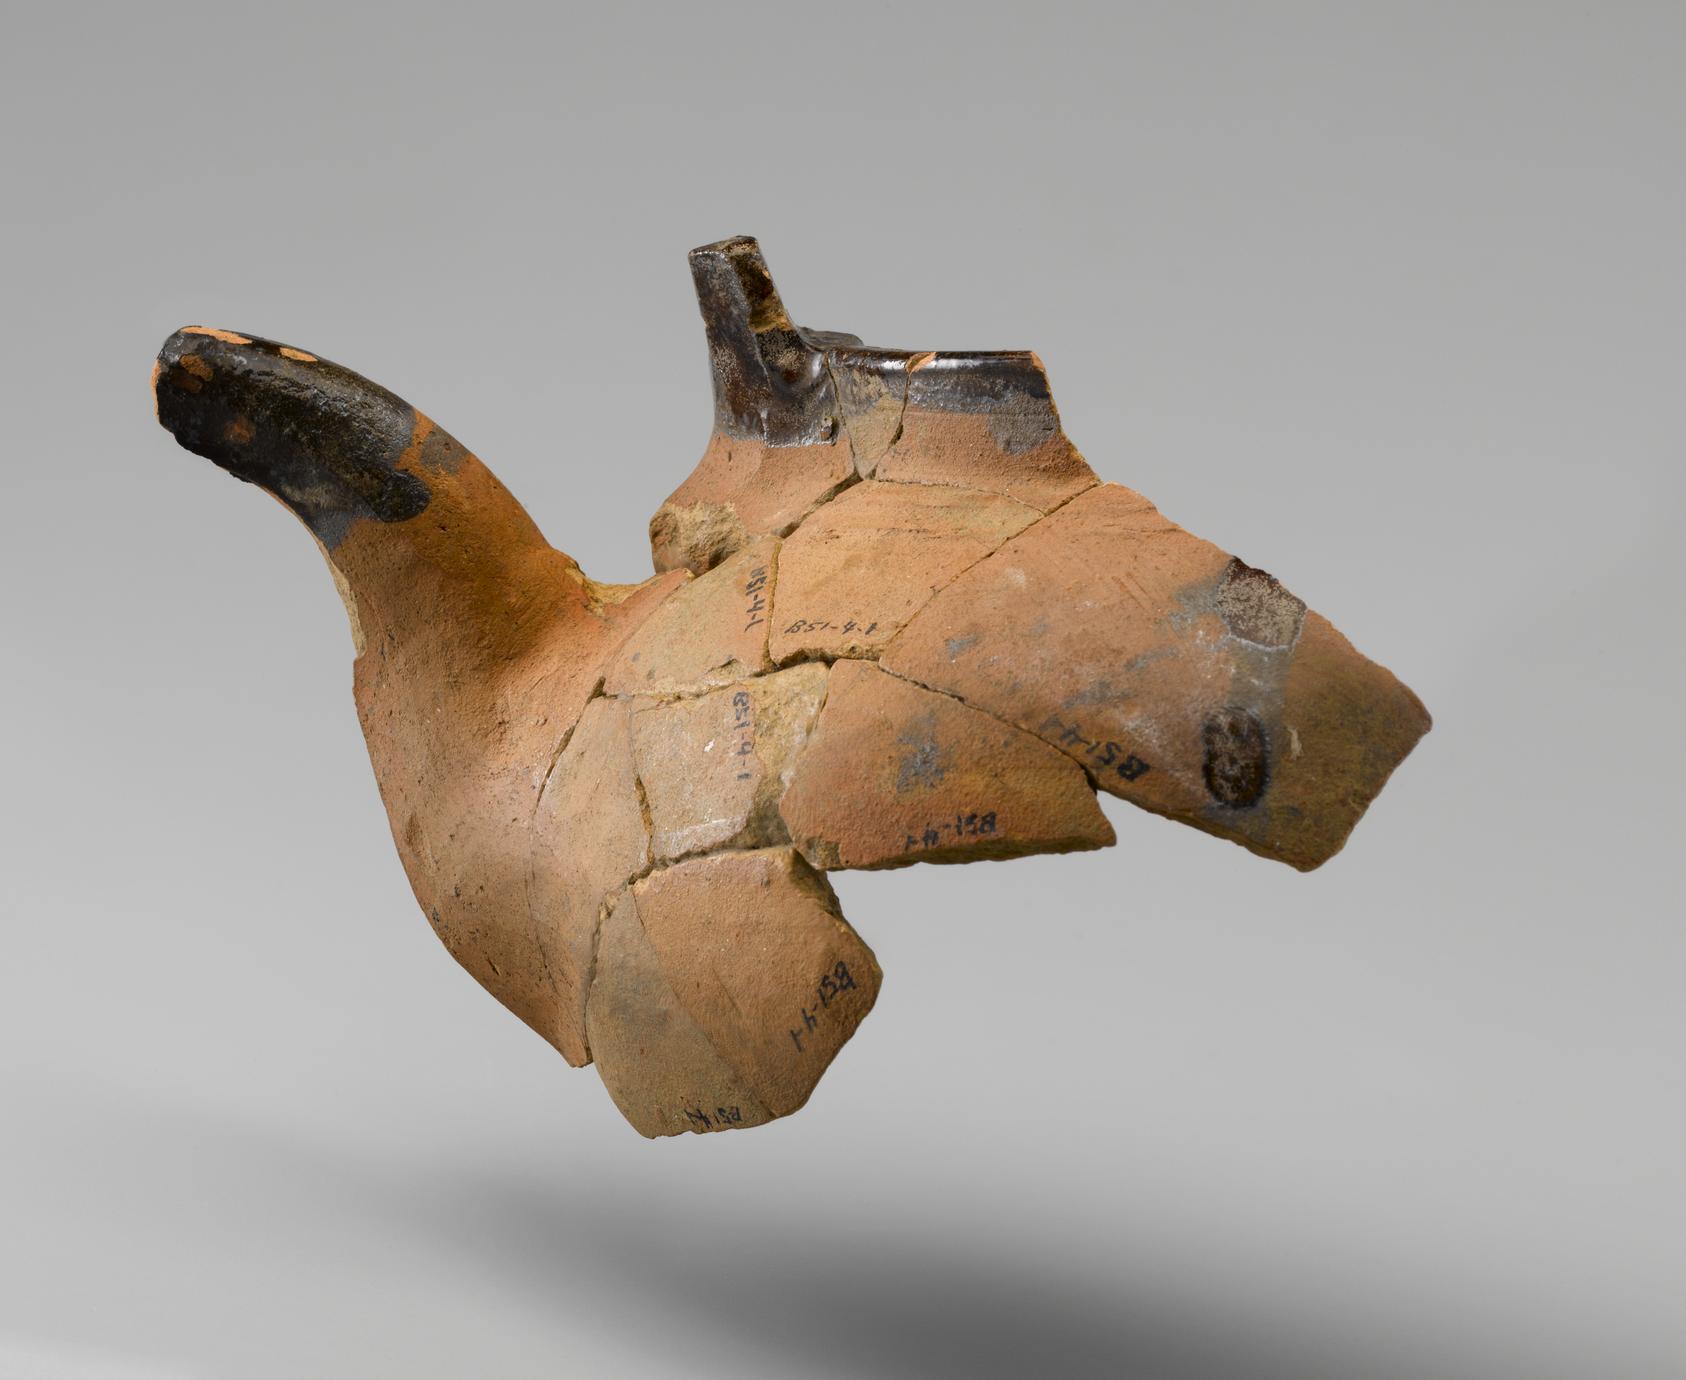 Tea kettle fragments